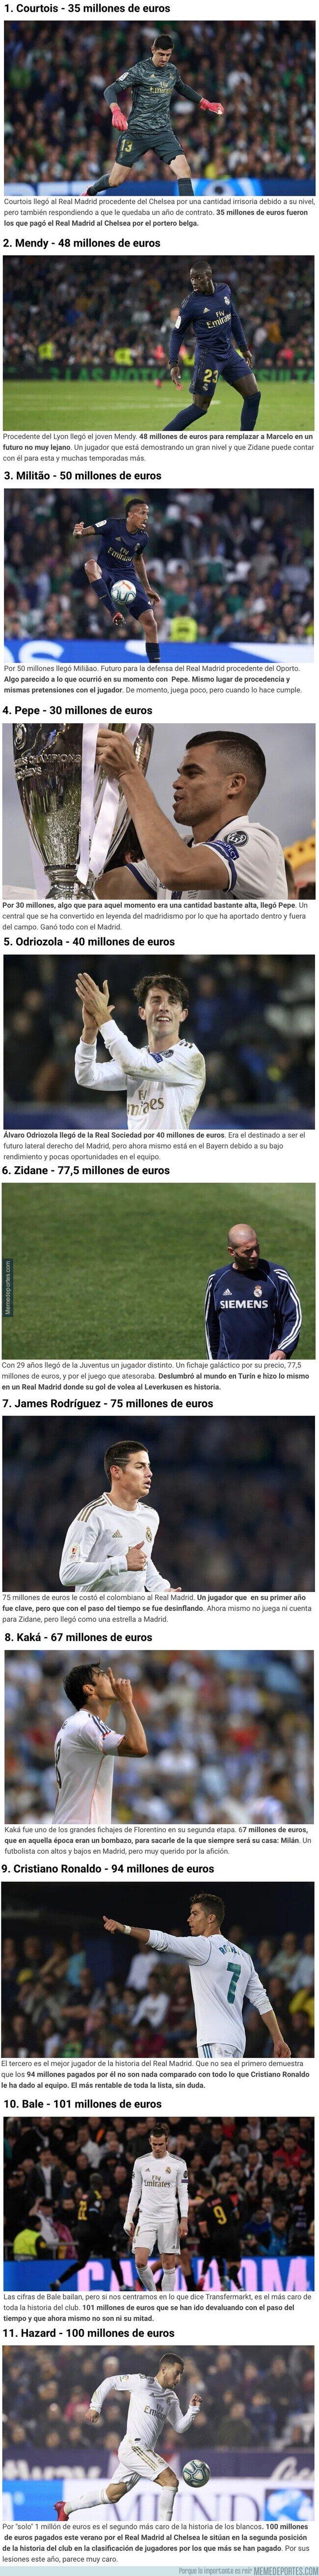 1102507 - El once ideal de los fichajes más caros de la historia del Real Madrid